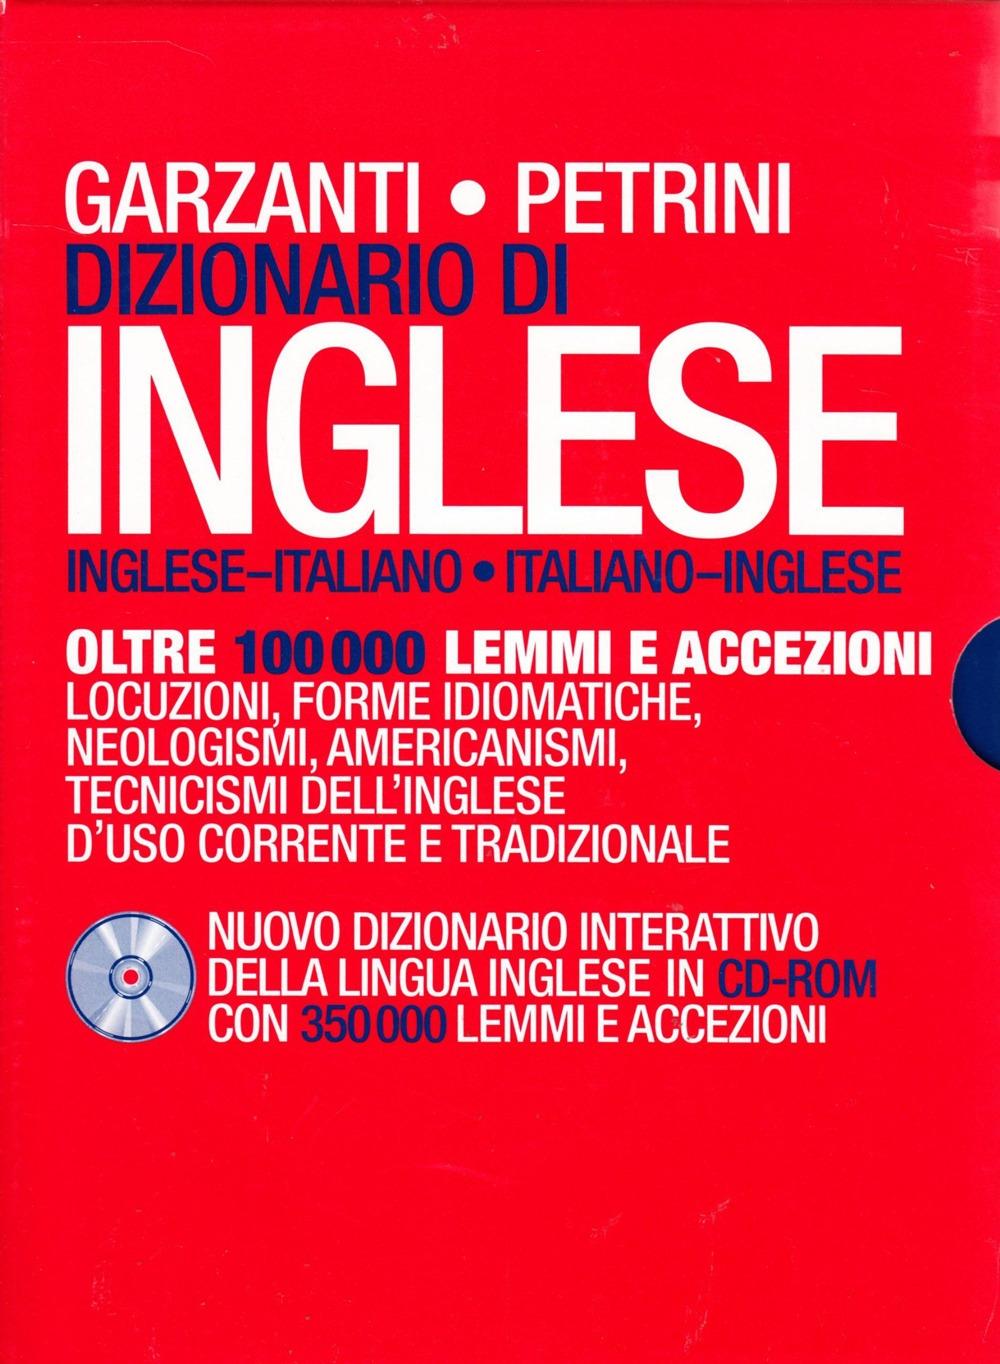 Dizionario di inglese Garzanti/Petrini. Con CD-ROM